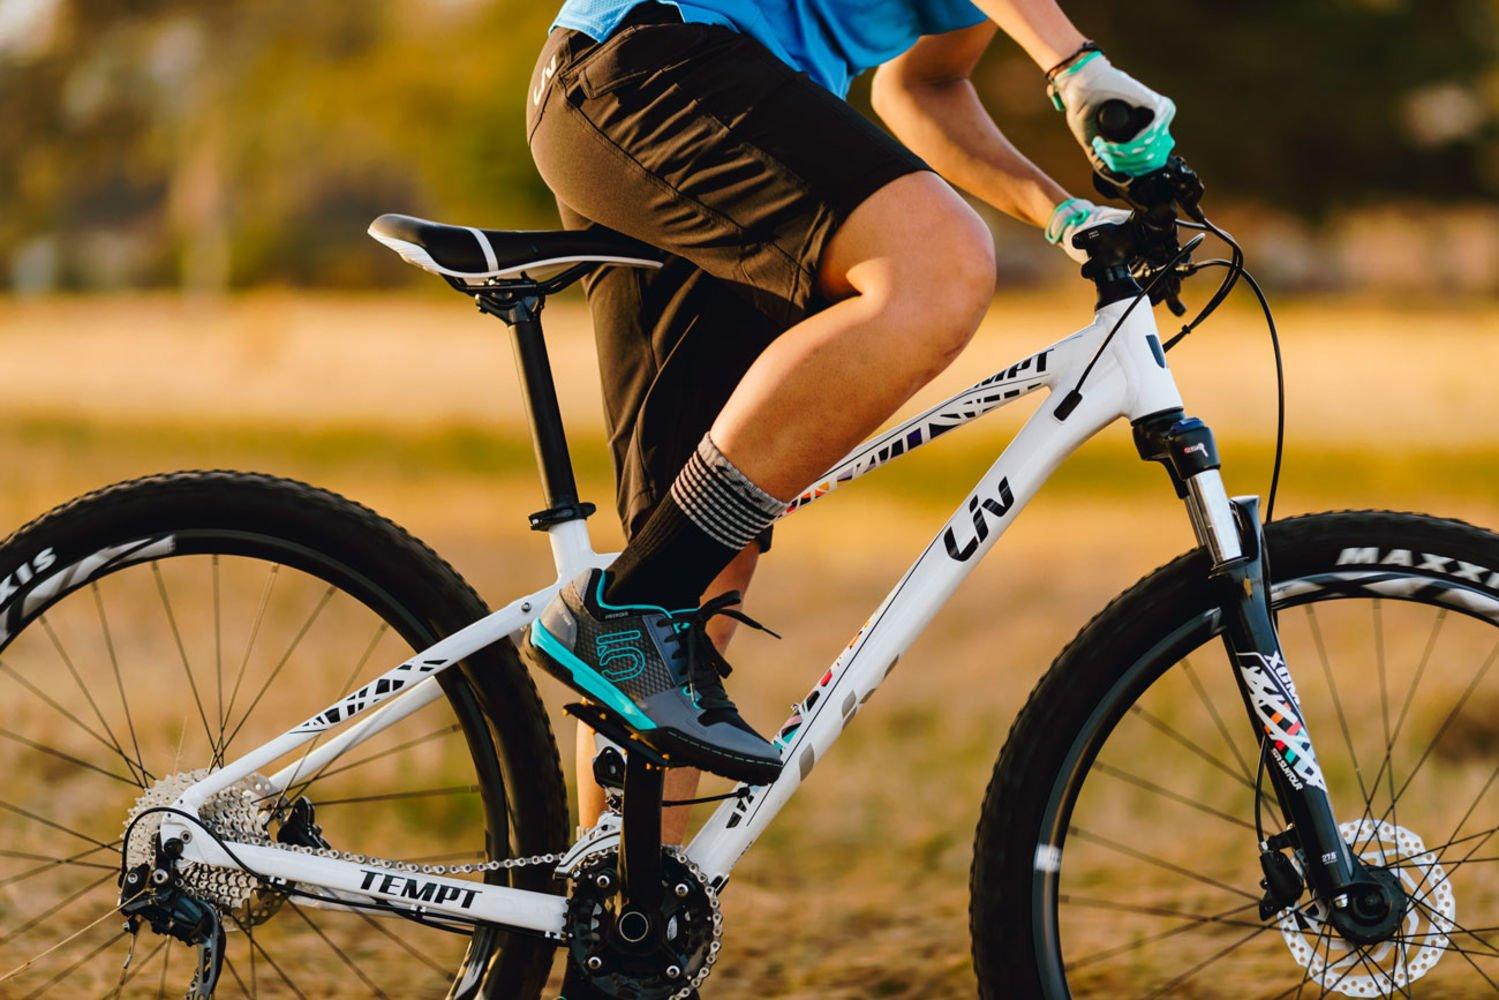 5 Best Women's Mountain Bikes Under $1,000 (2019) - Femme